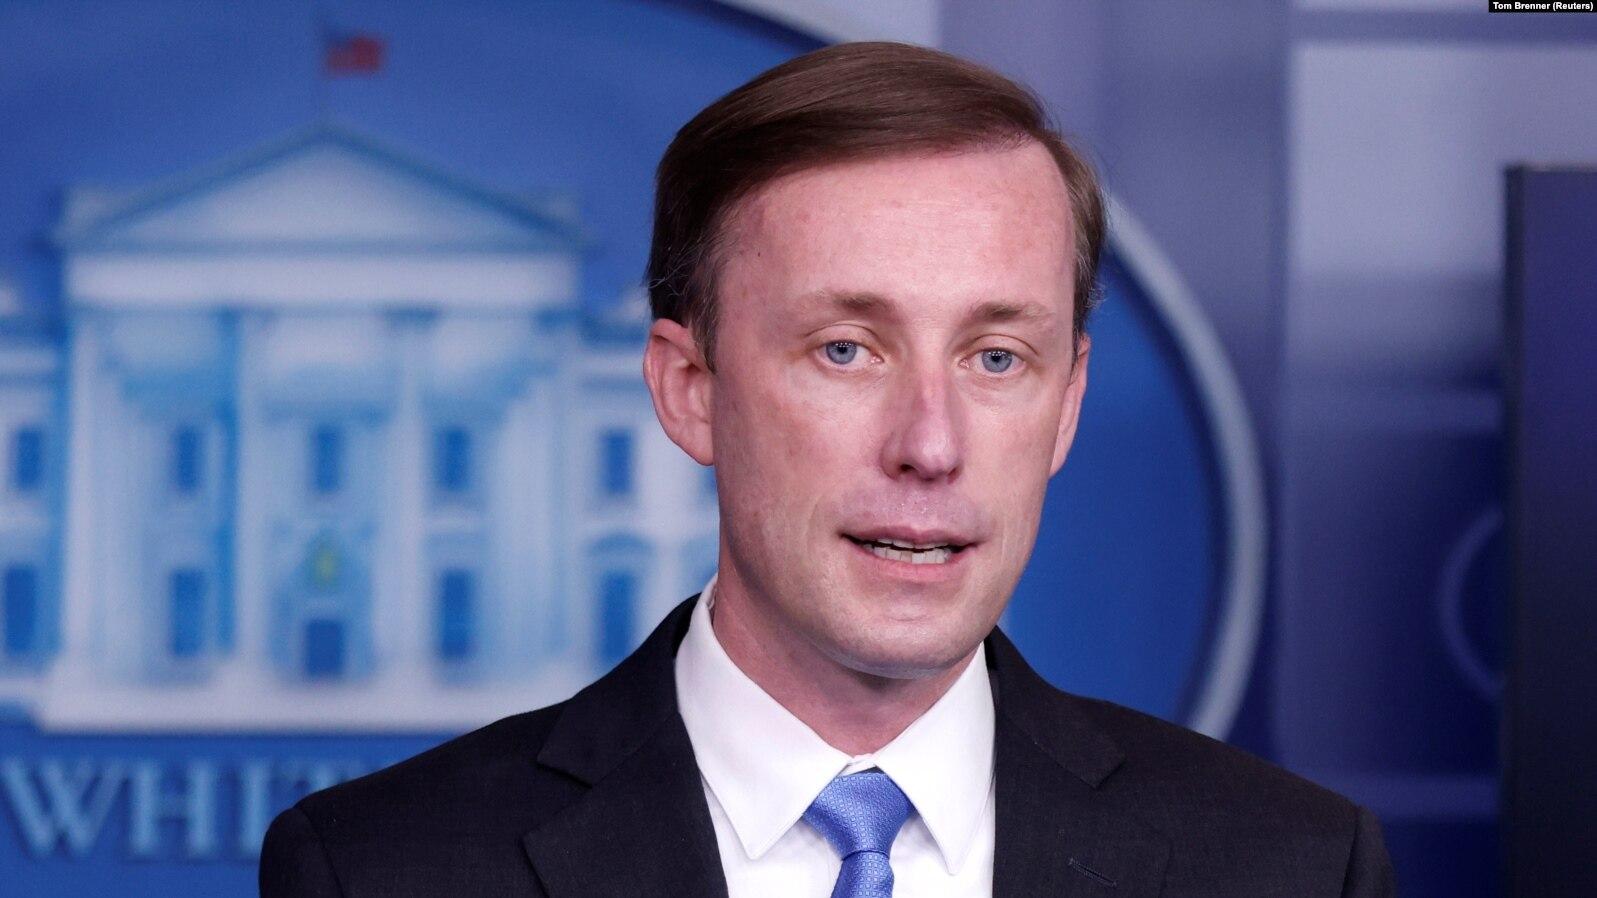 Представители Белого дома назвали причину, по которой власти США не предоставили Украине помощь на сумму в 100 миллионов долларов США